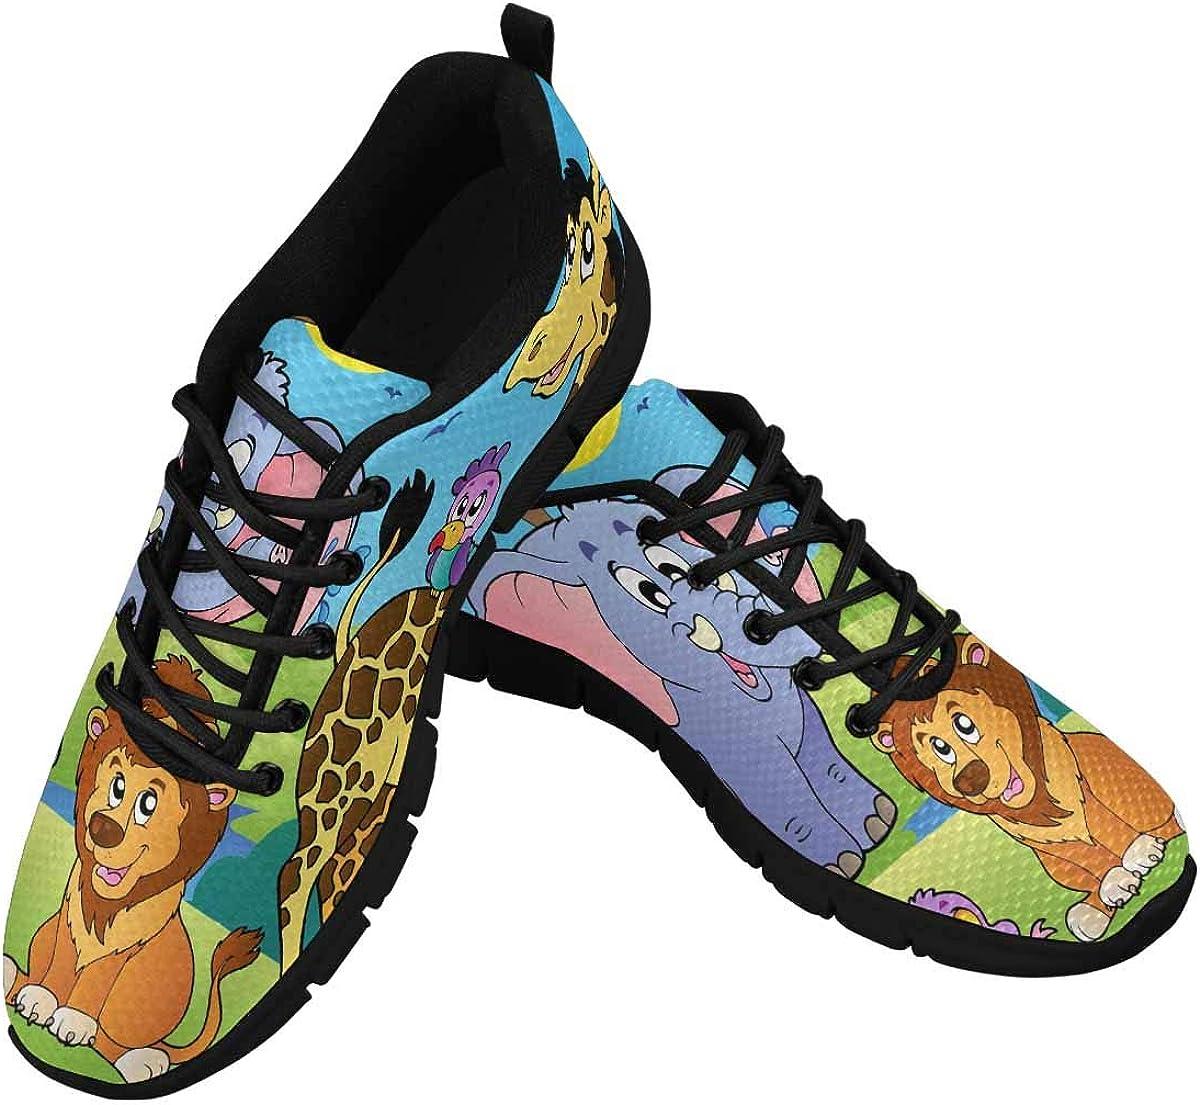 InterestPrint Cute Animals Women's Tennis Running Shoes Lightweight Sneakers